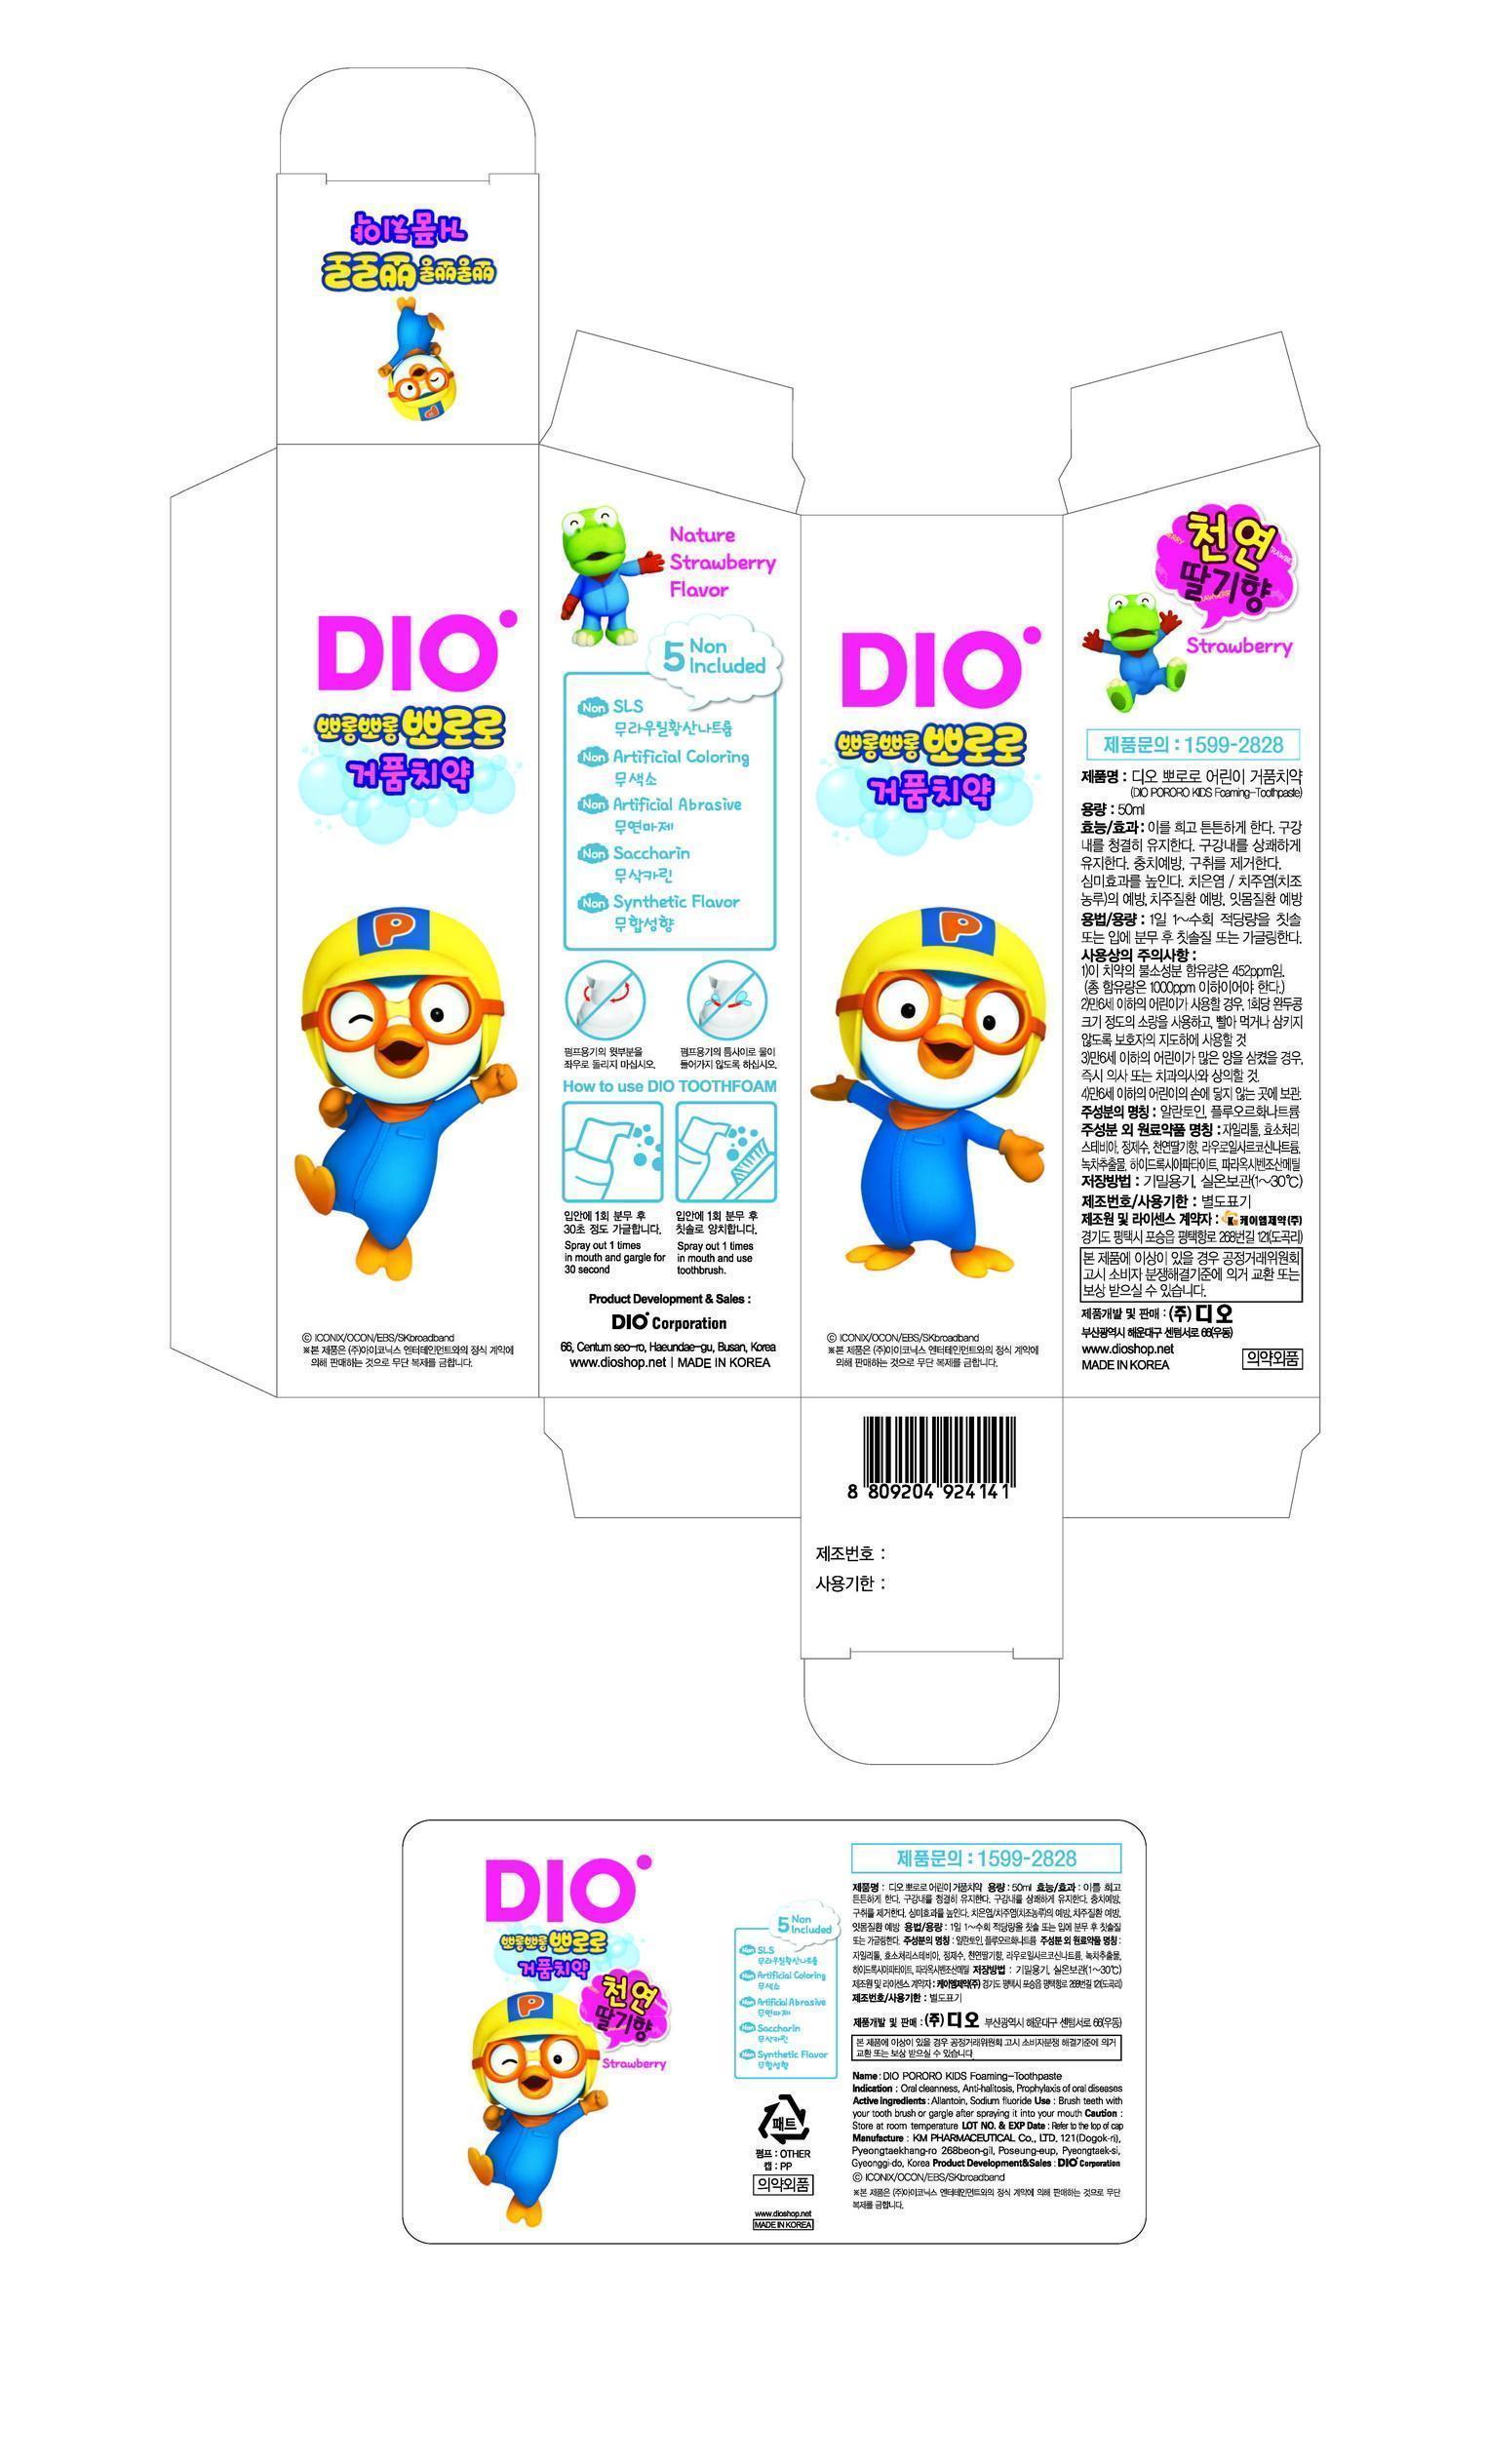 Dio Pororo Kids Foaming (Sodium Fluoride) Paste, Dentifrice [Dio Corporation]